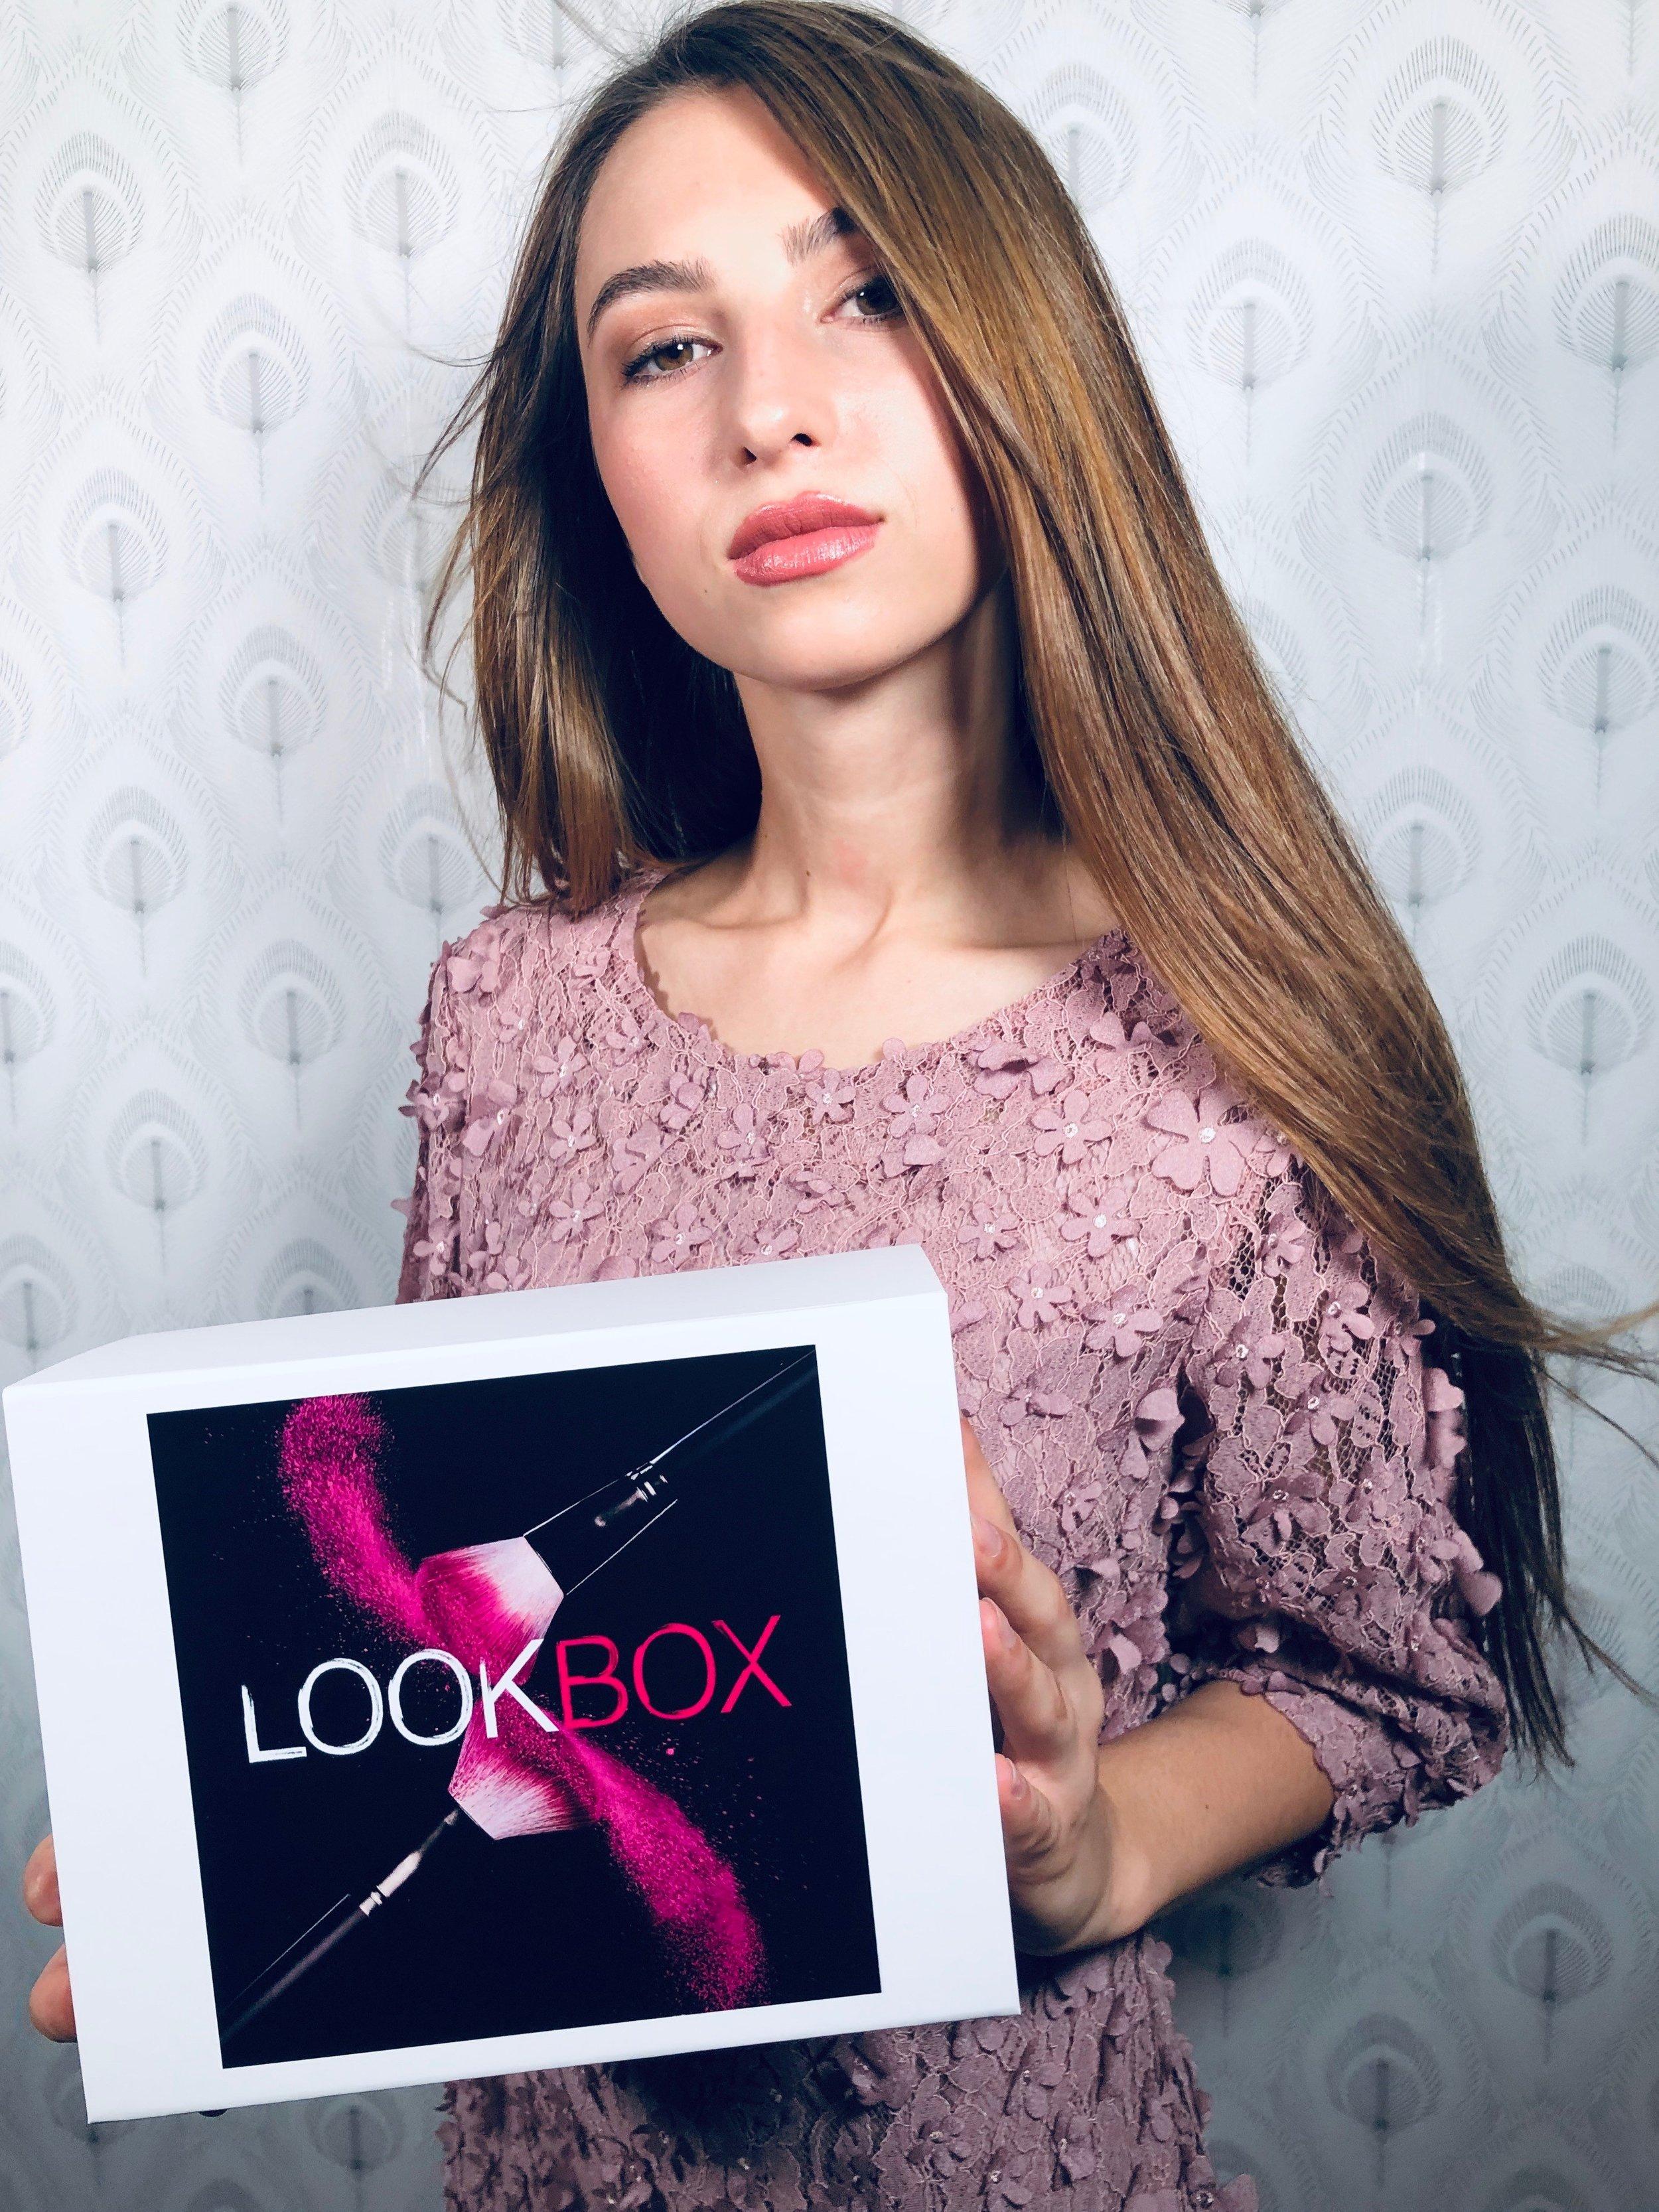 lookbox-1.jpg